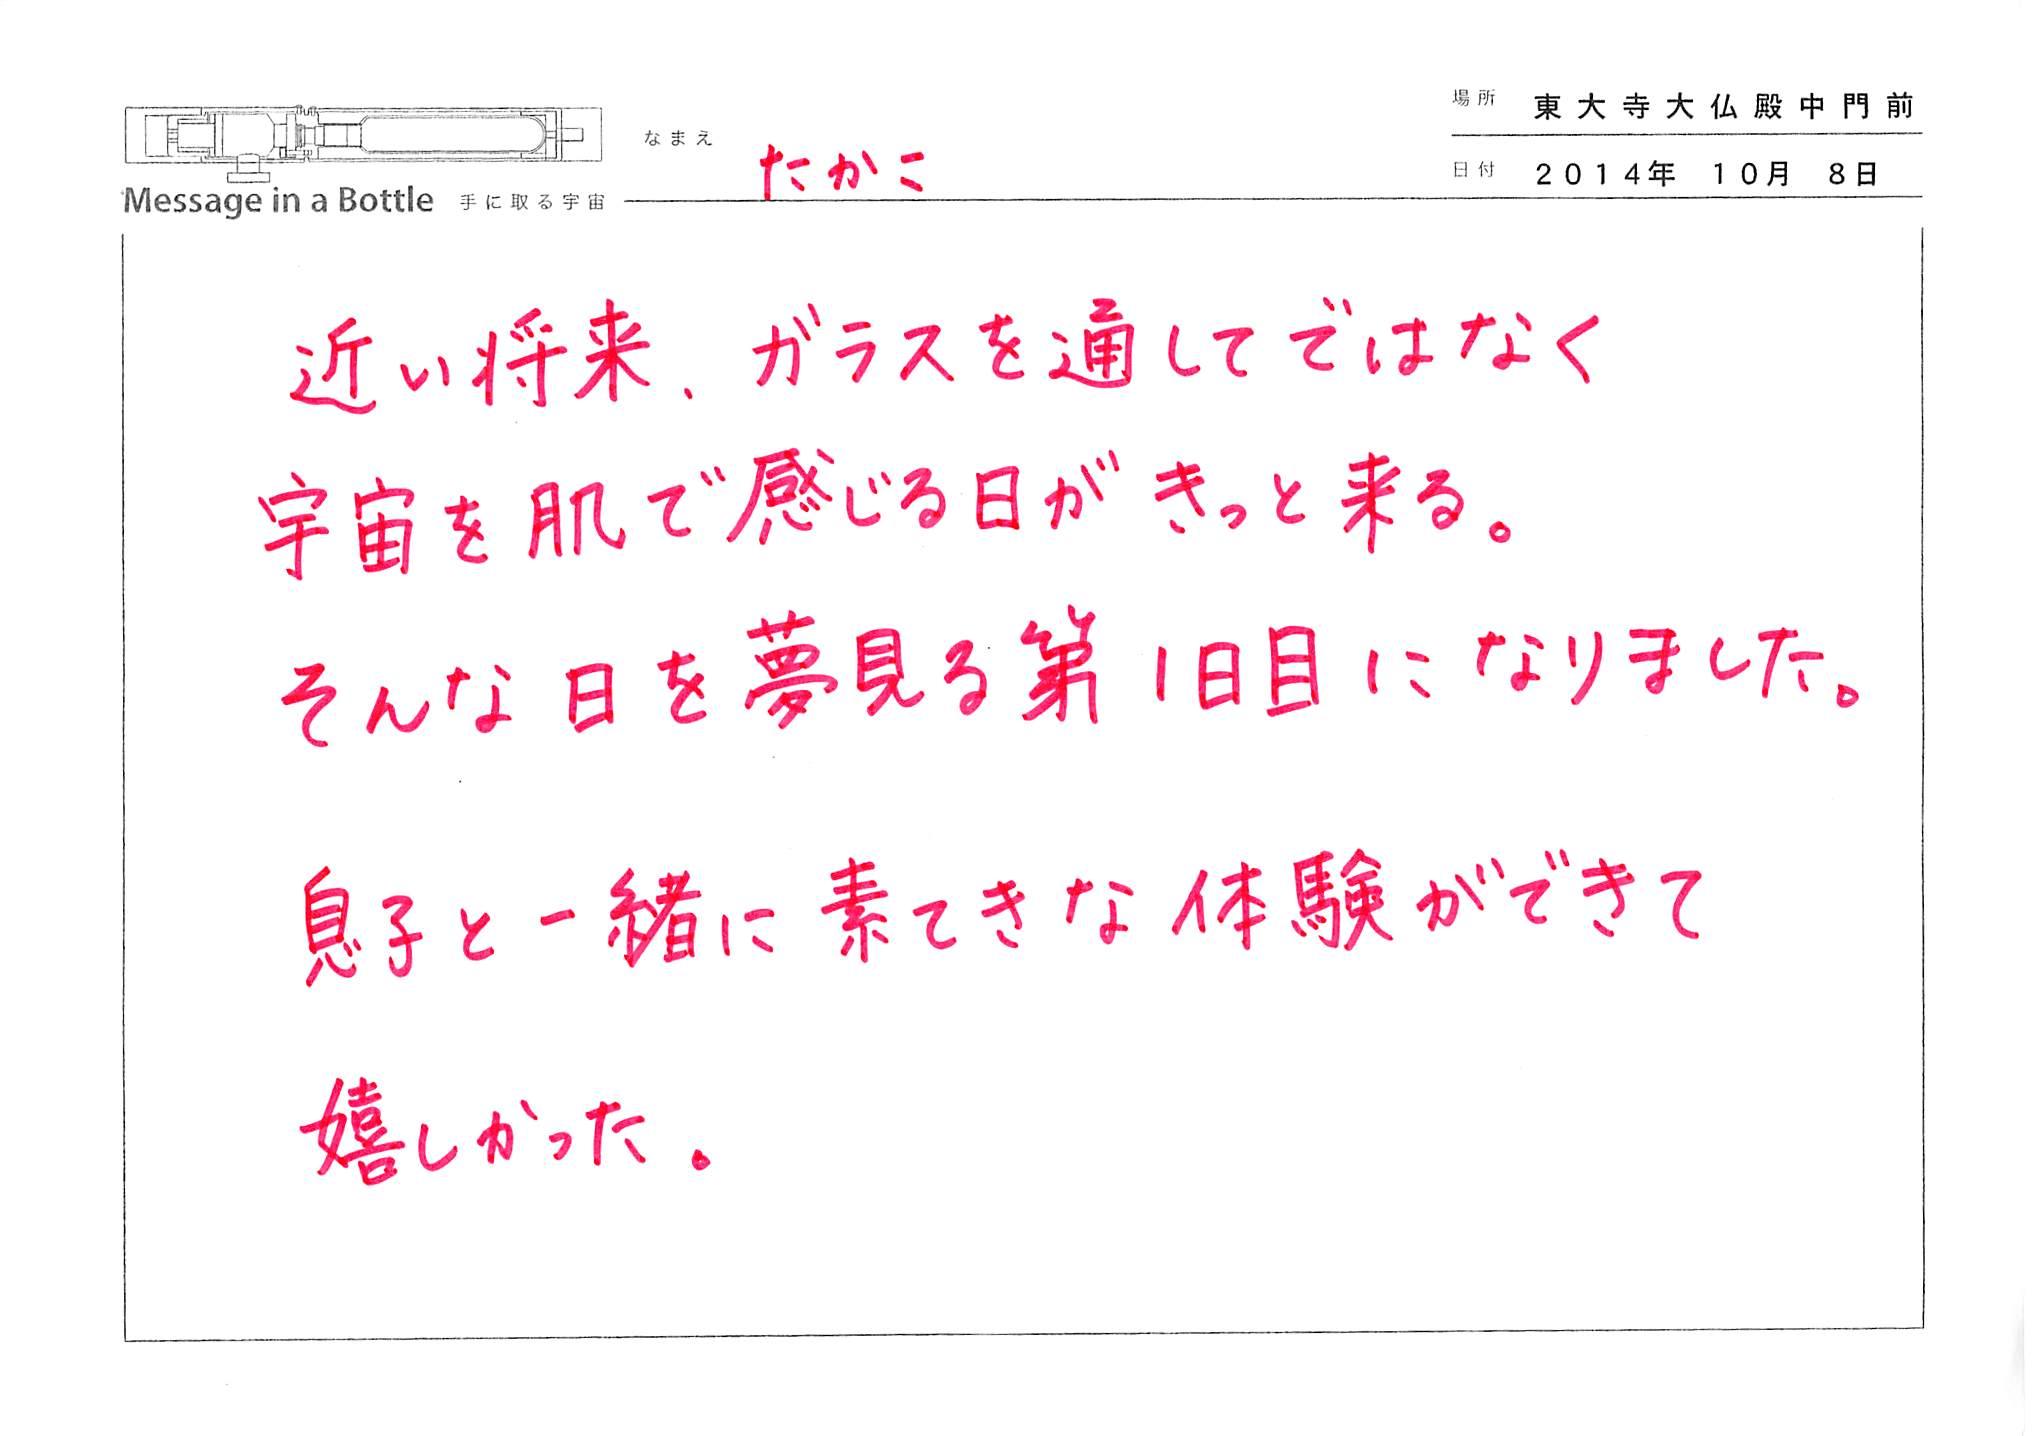 2014-10-08-19-22-42.jpg